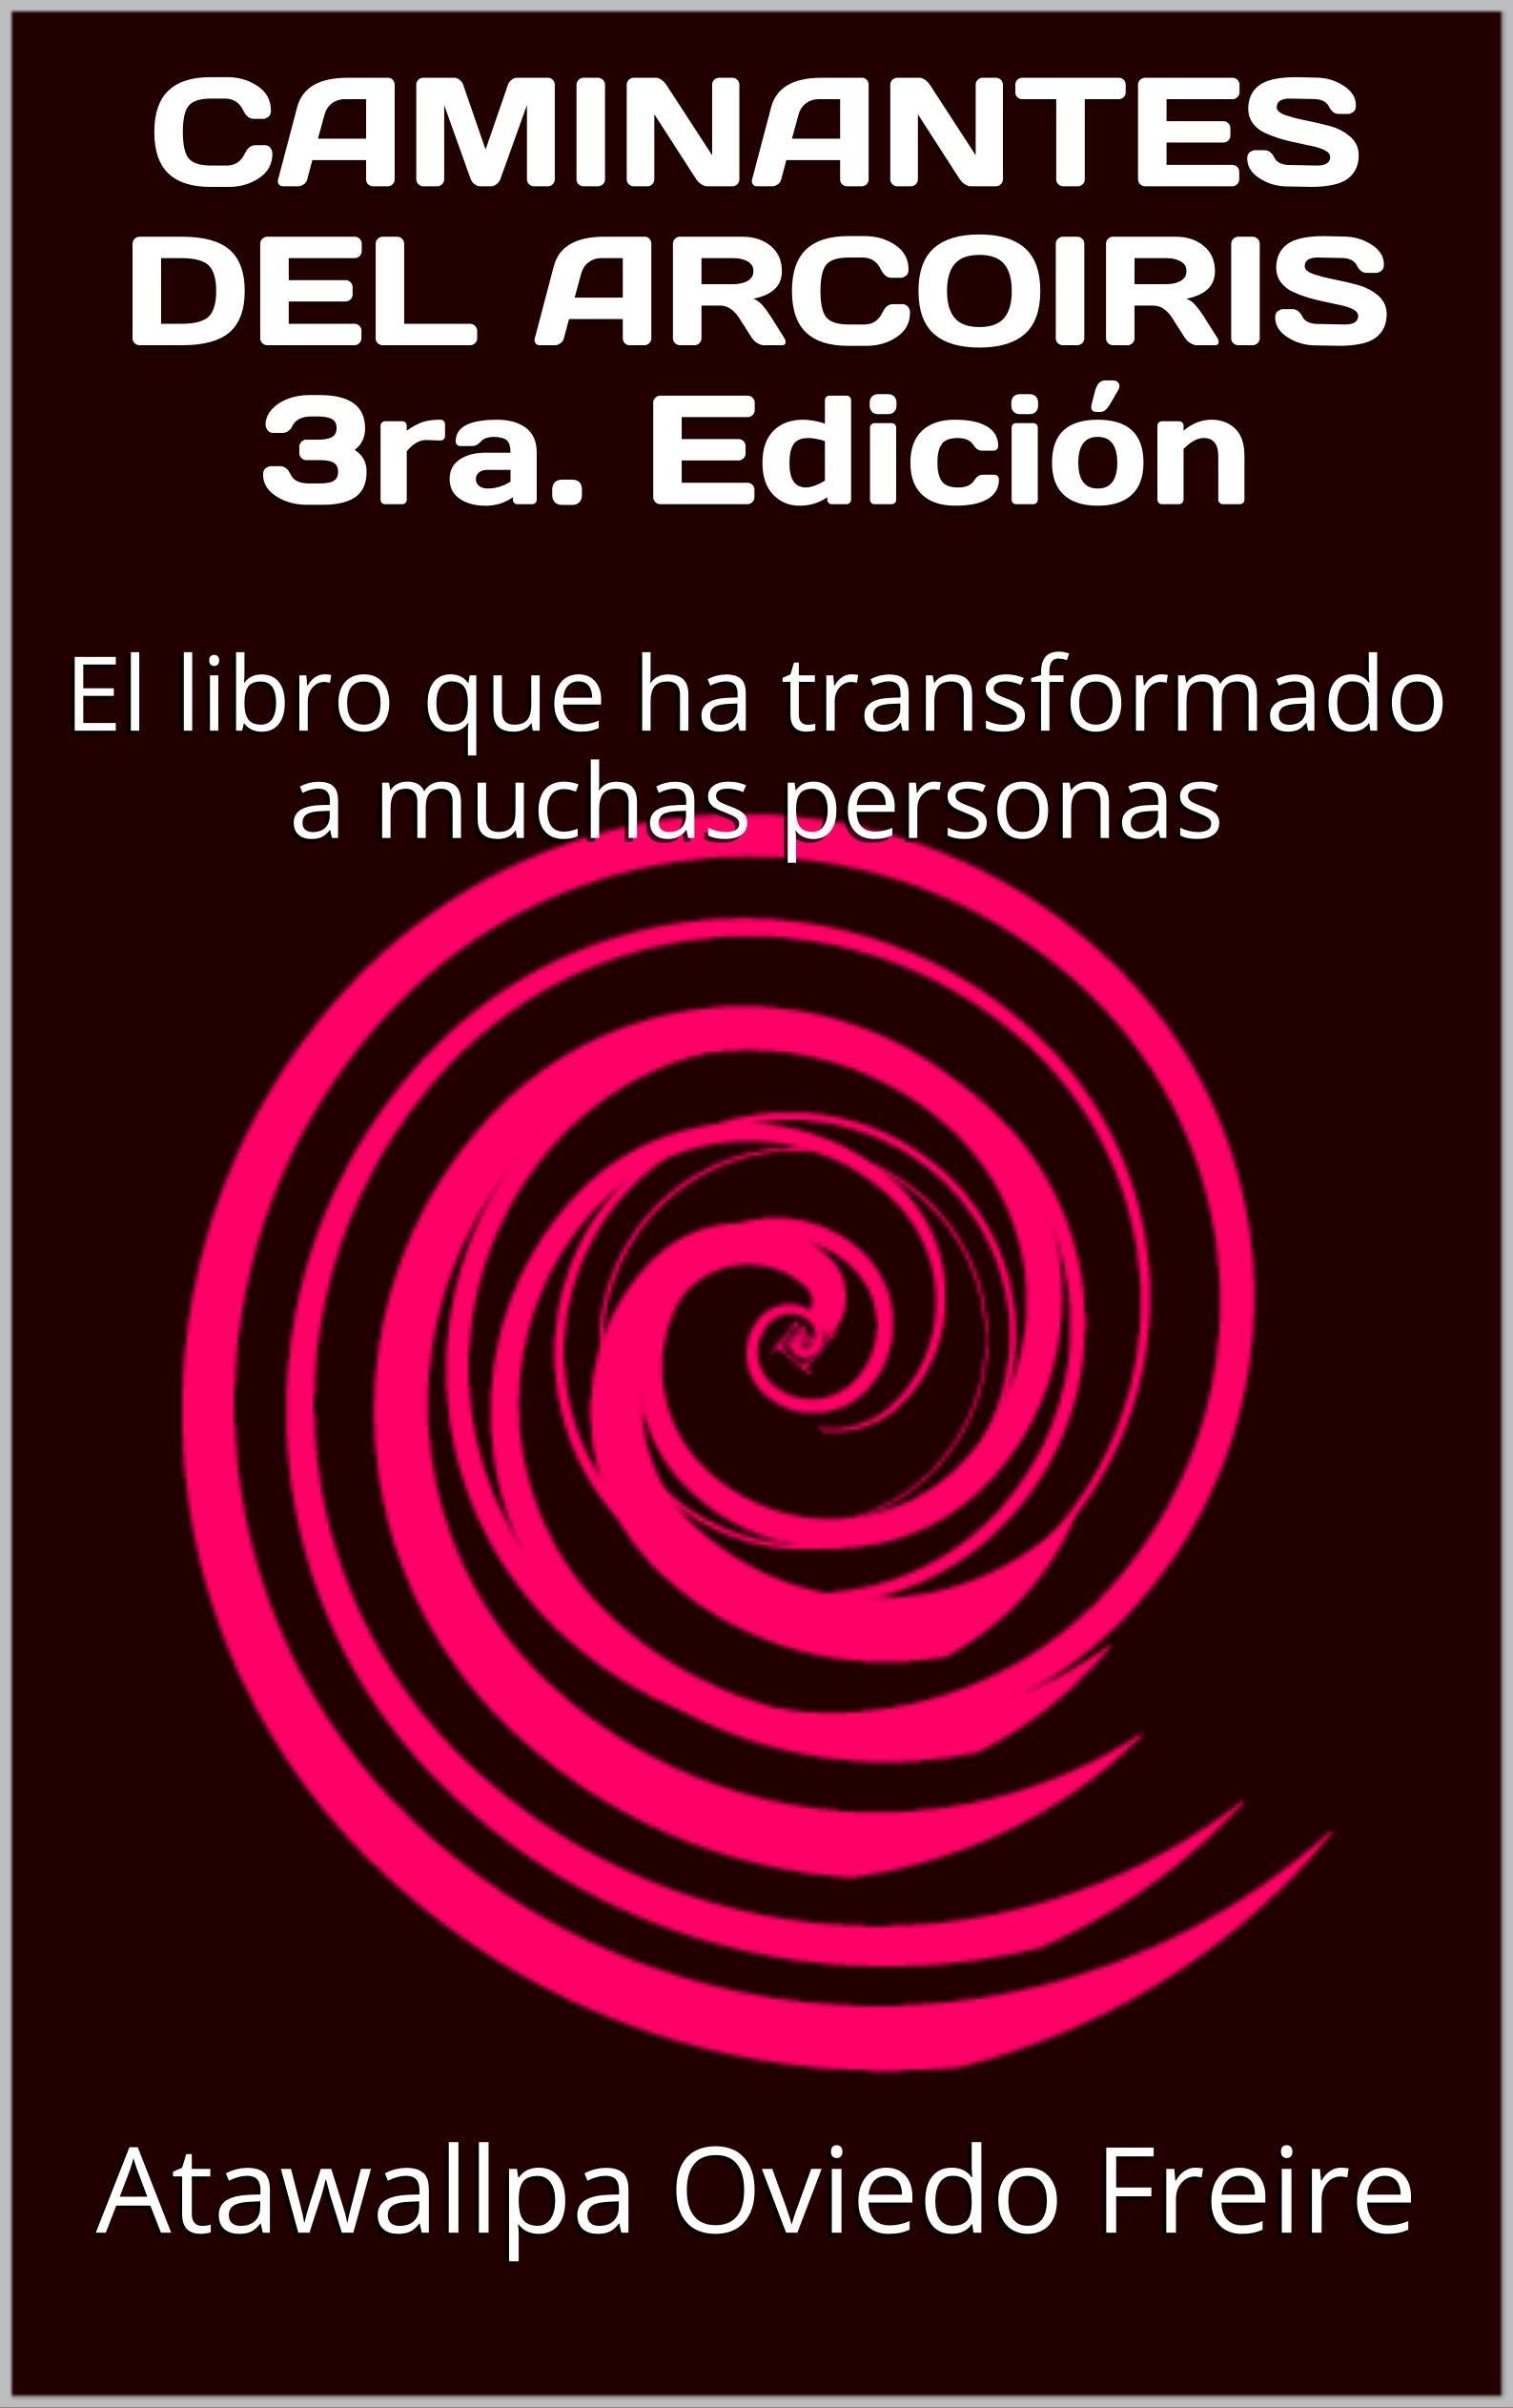 CAMINANTES DEL ARCOIRIS  3ra. Edición: El libro que ha transformado a muchas personas